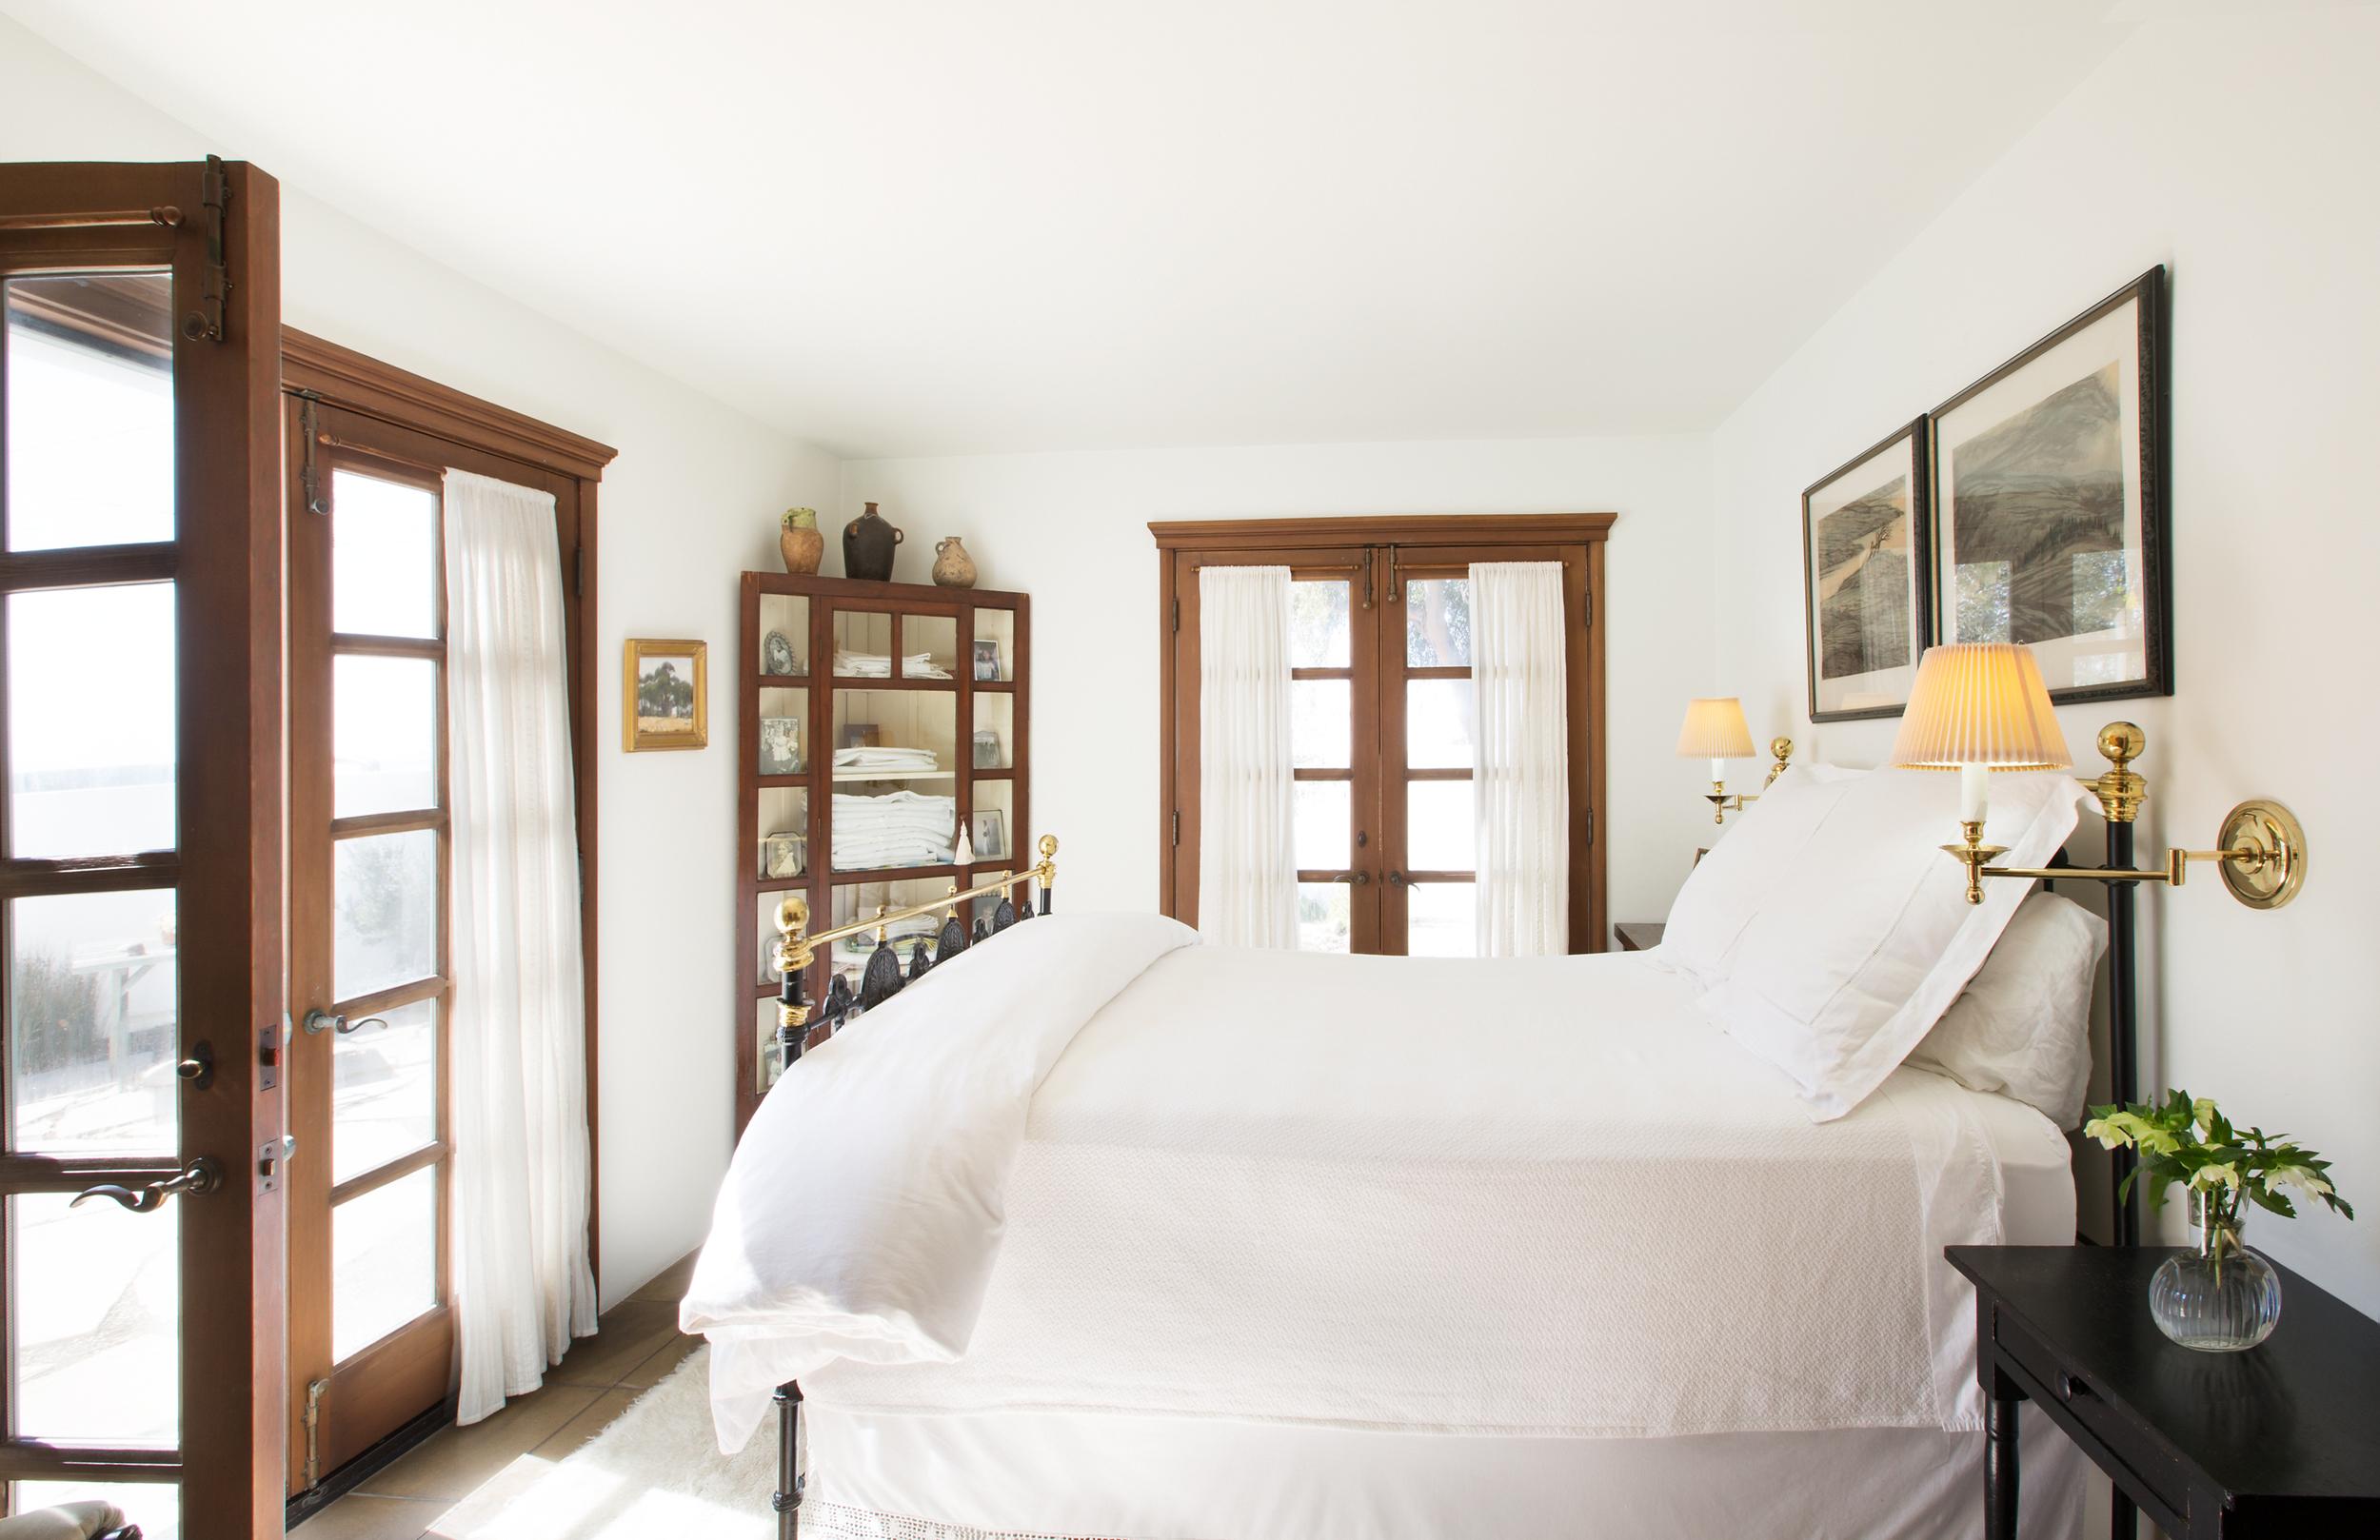 VILLA JAQUA - MASTER BEDROOM